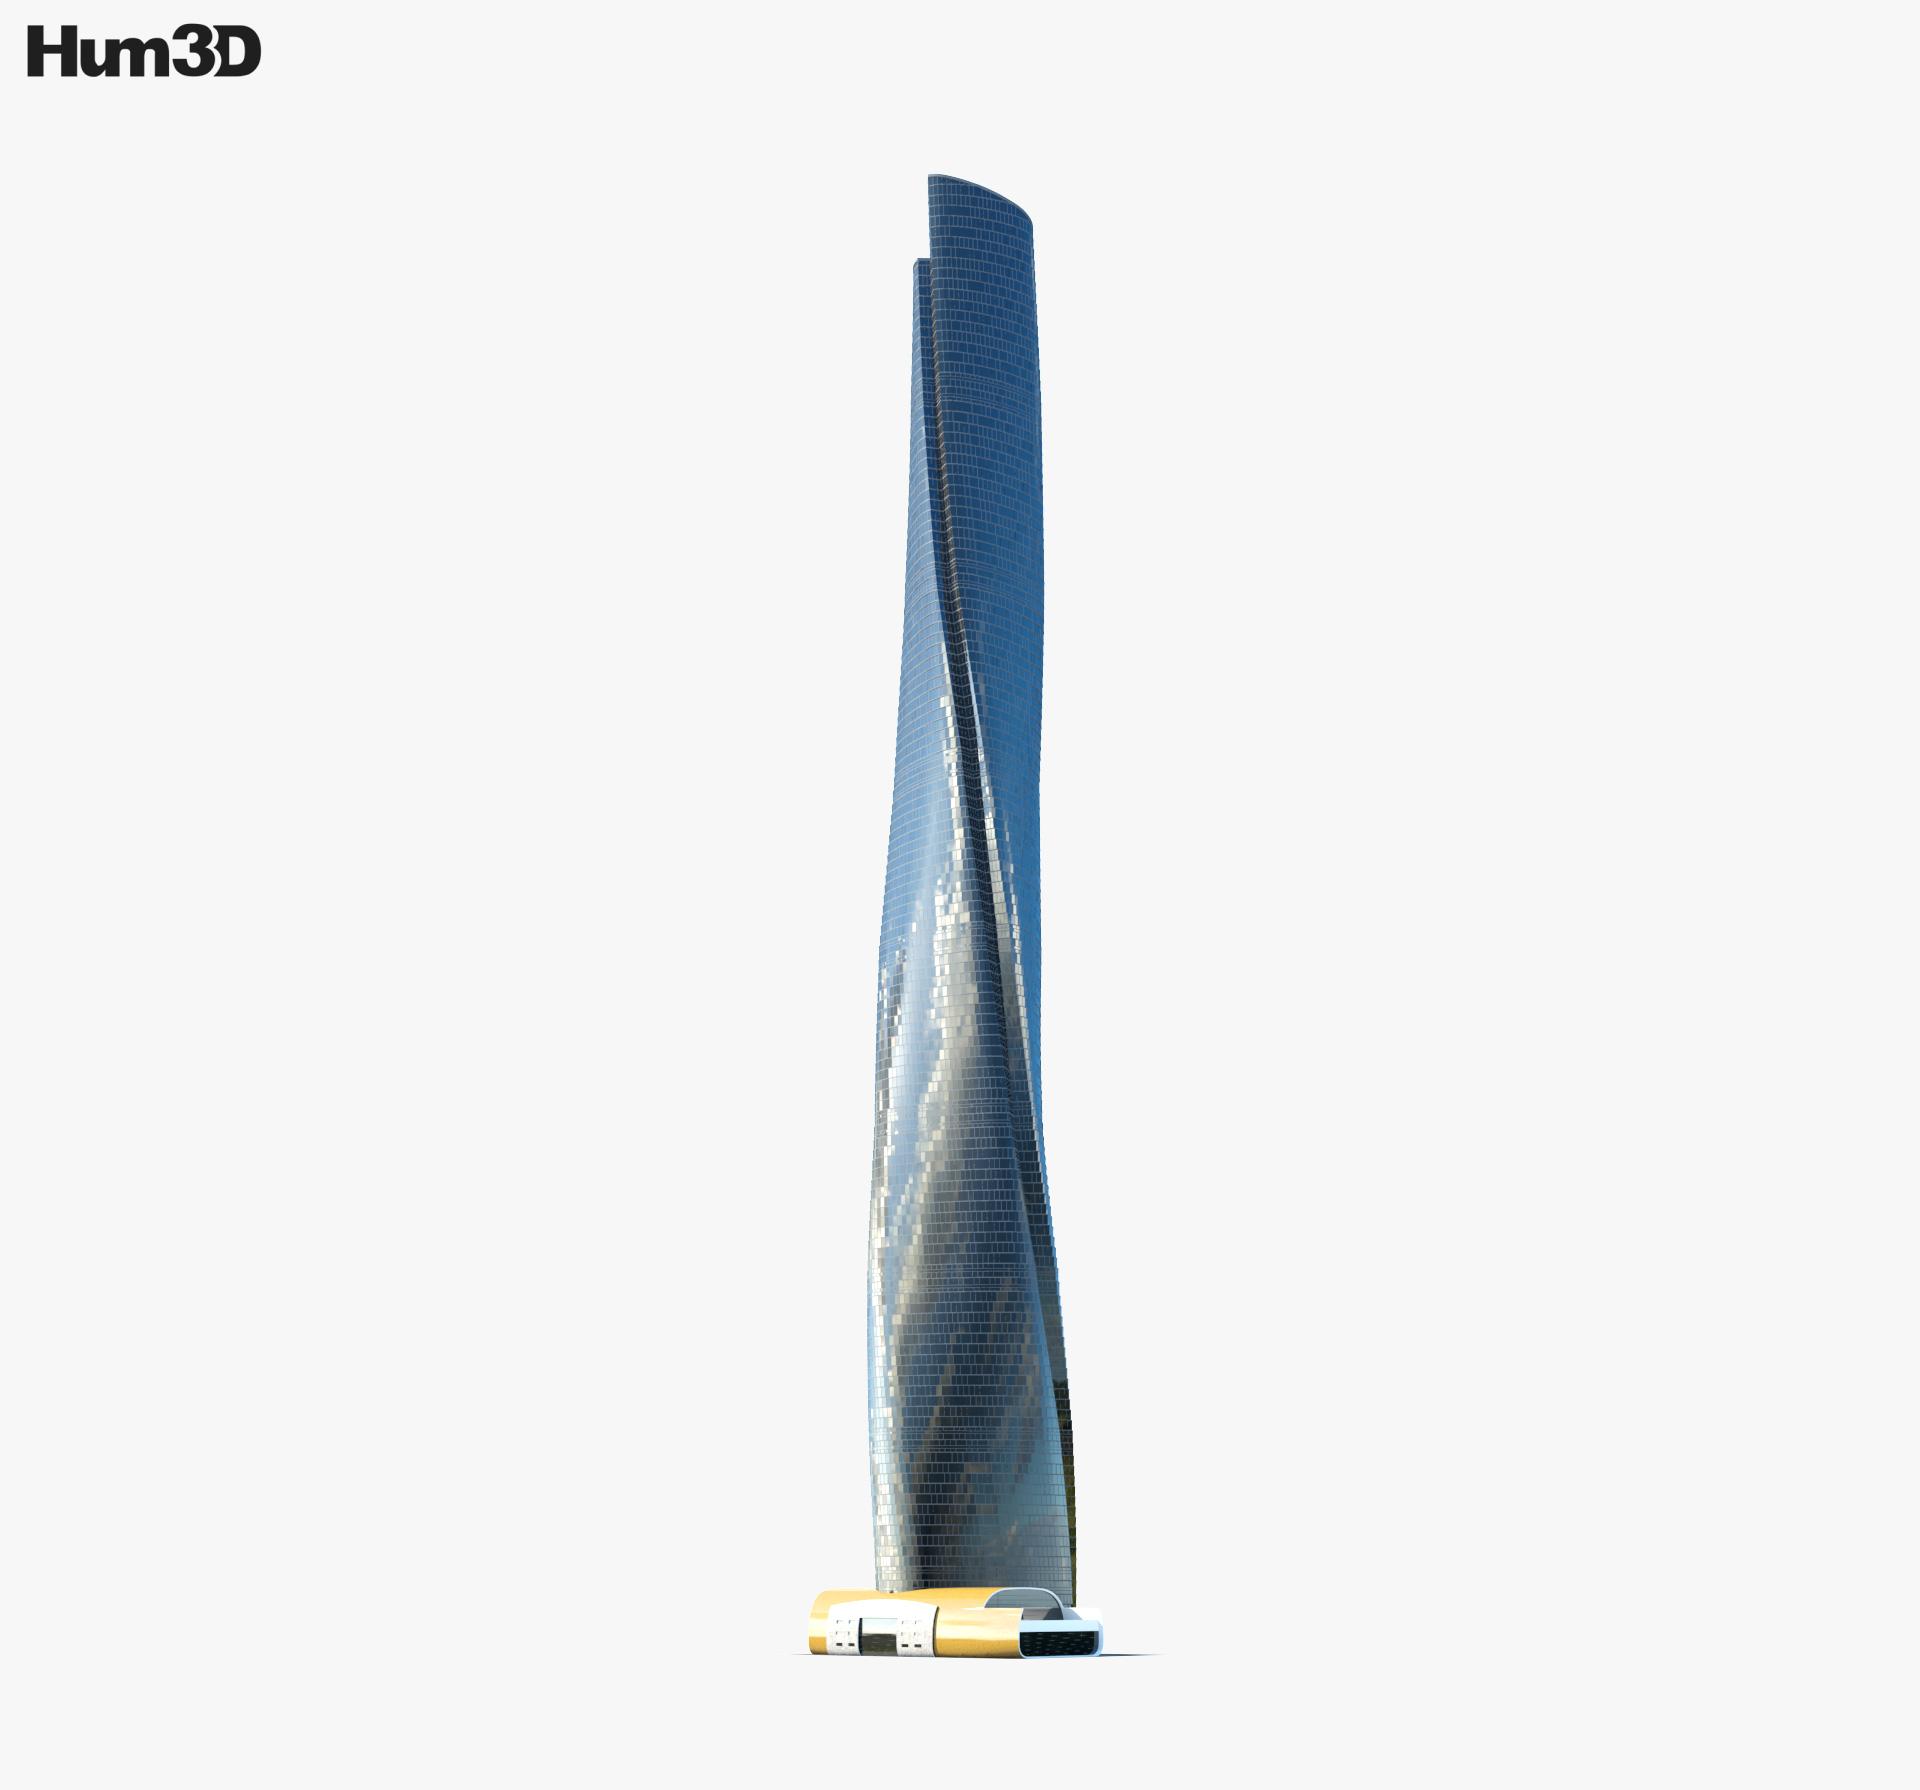 3D model of Shanghai Tower